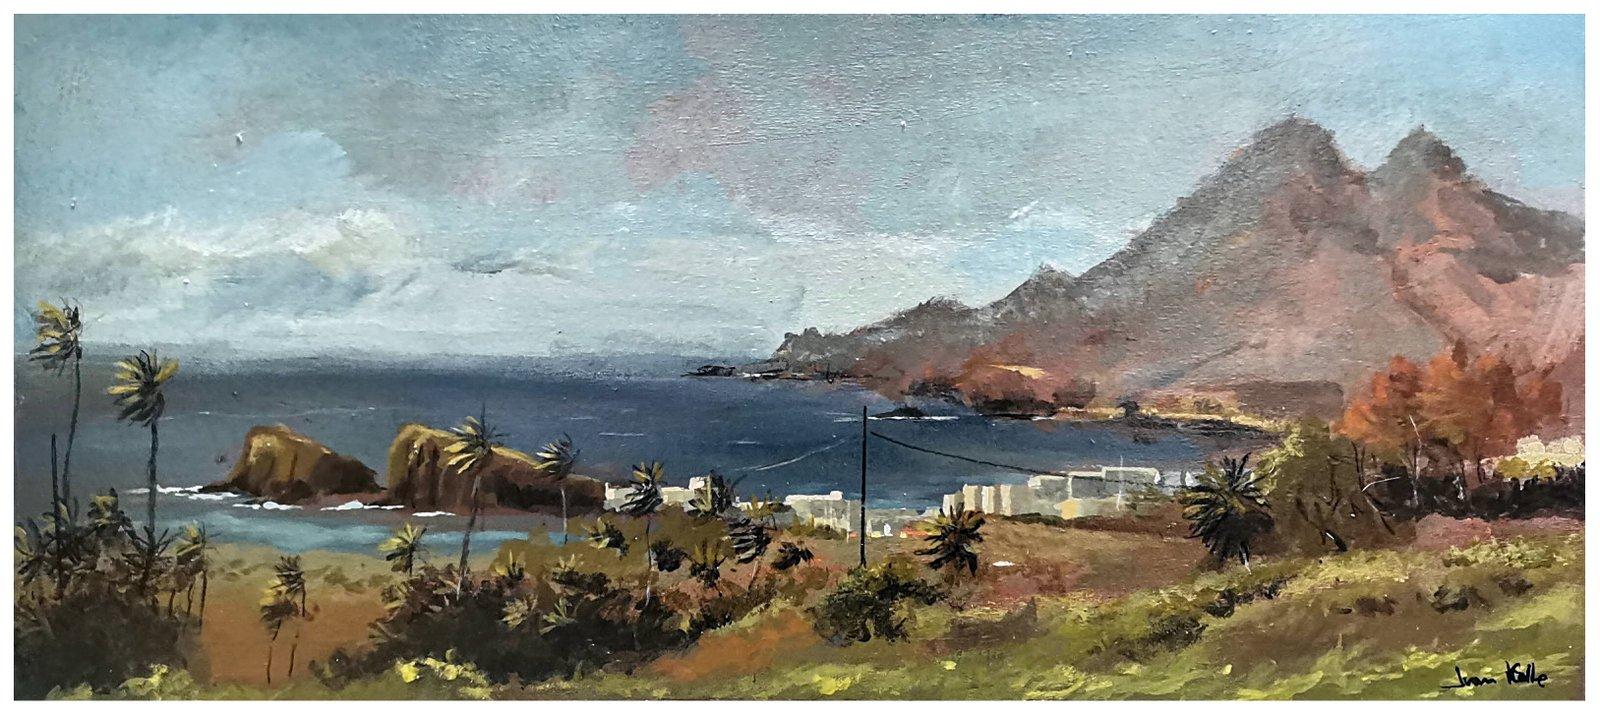 La Isleta del Moro, 60 x 25 Cm. Acrílico sobre tabla.